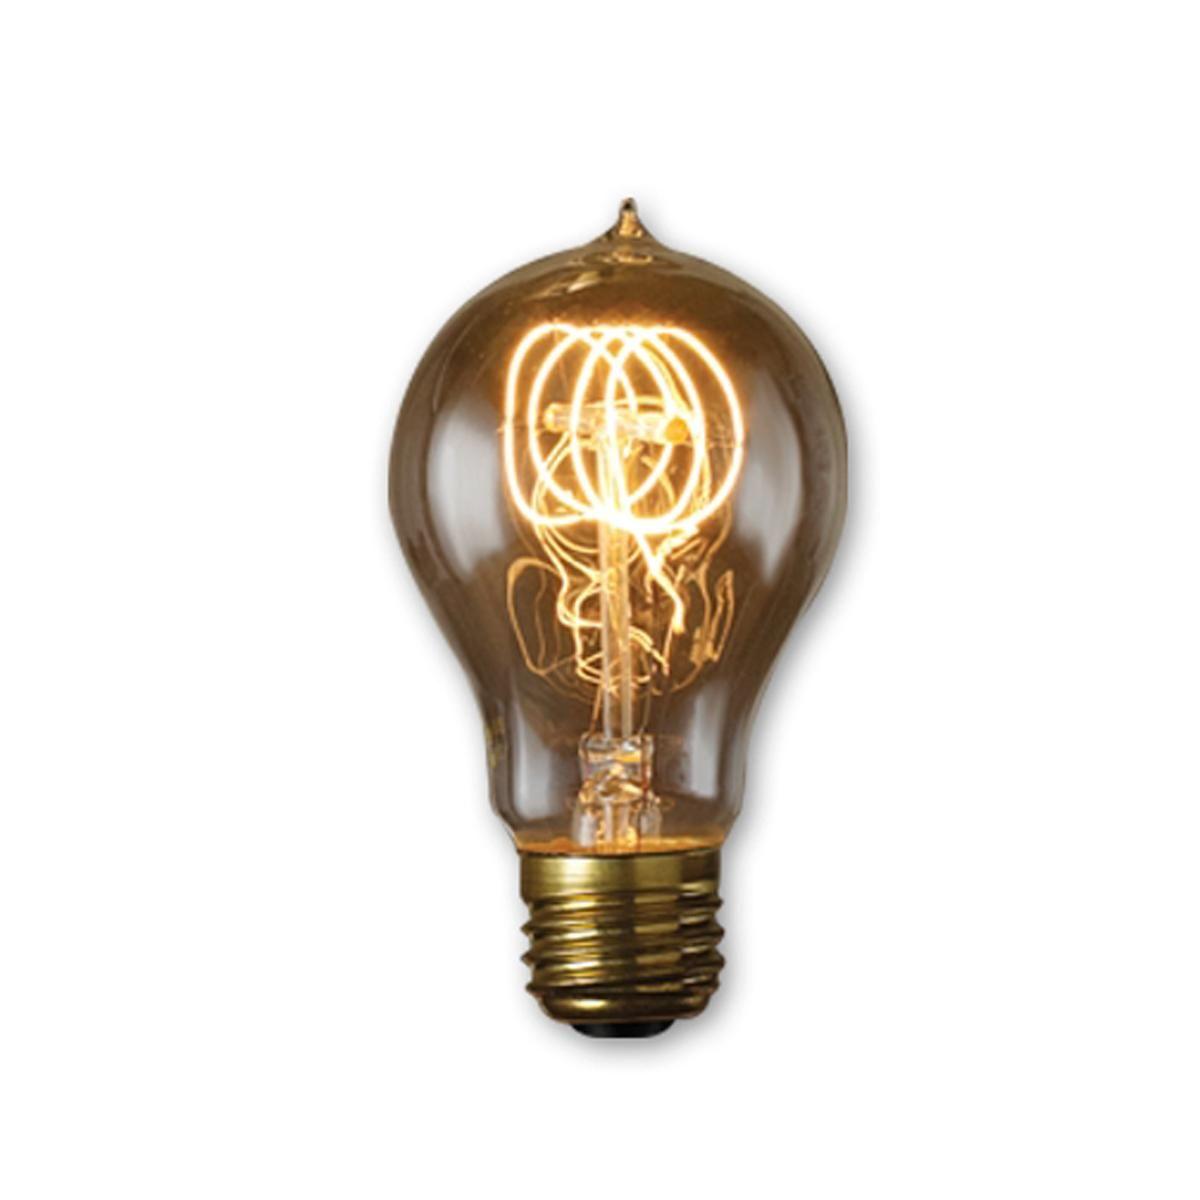 25 Watt A19 Vintage Edison Bulb Light Bulb Bulb Antique Light Bulbs